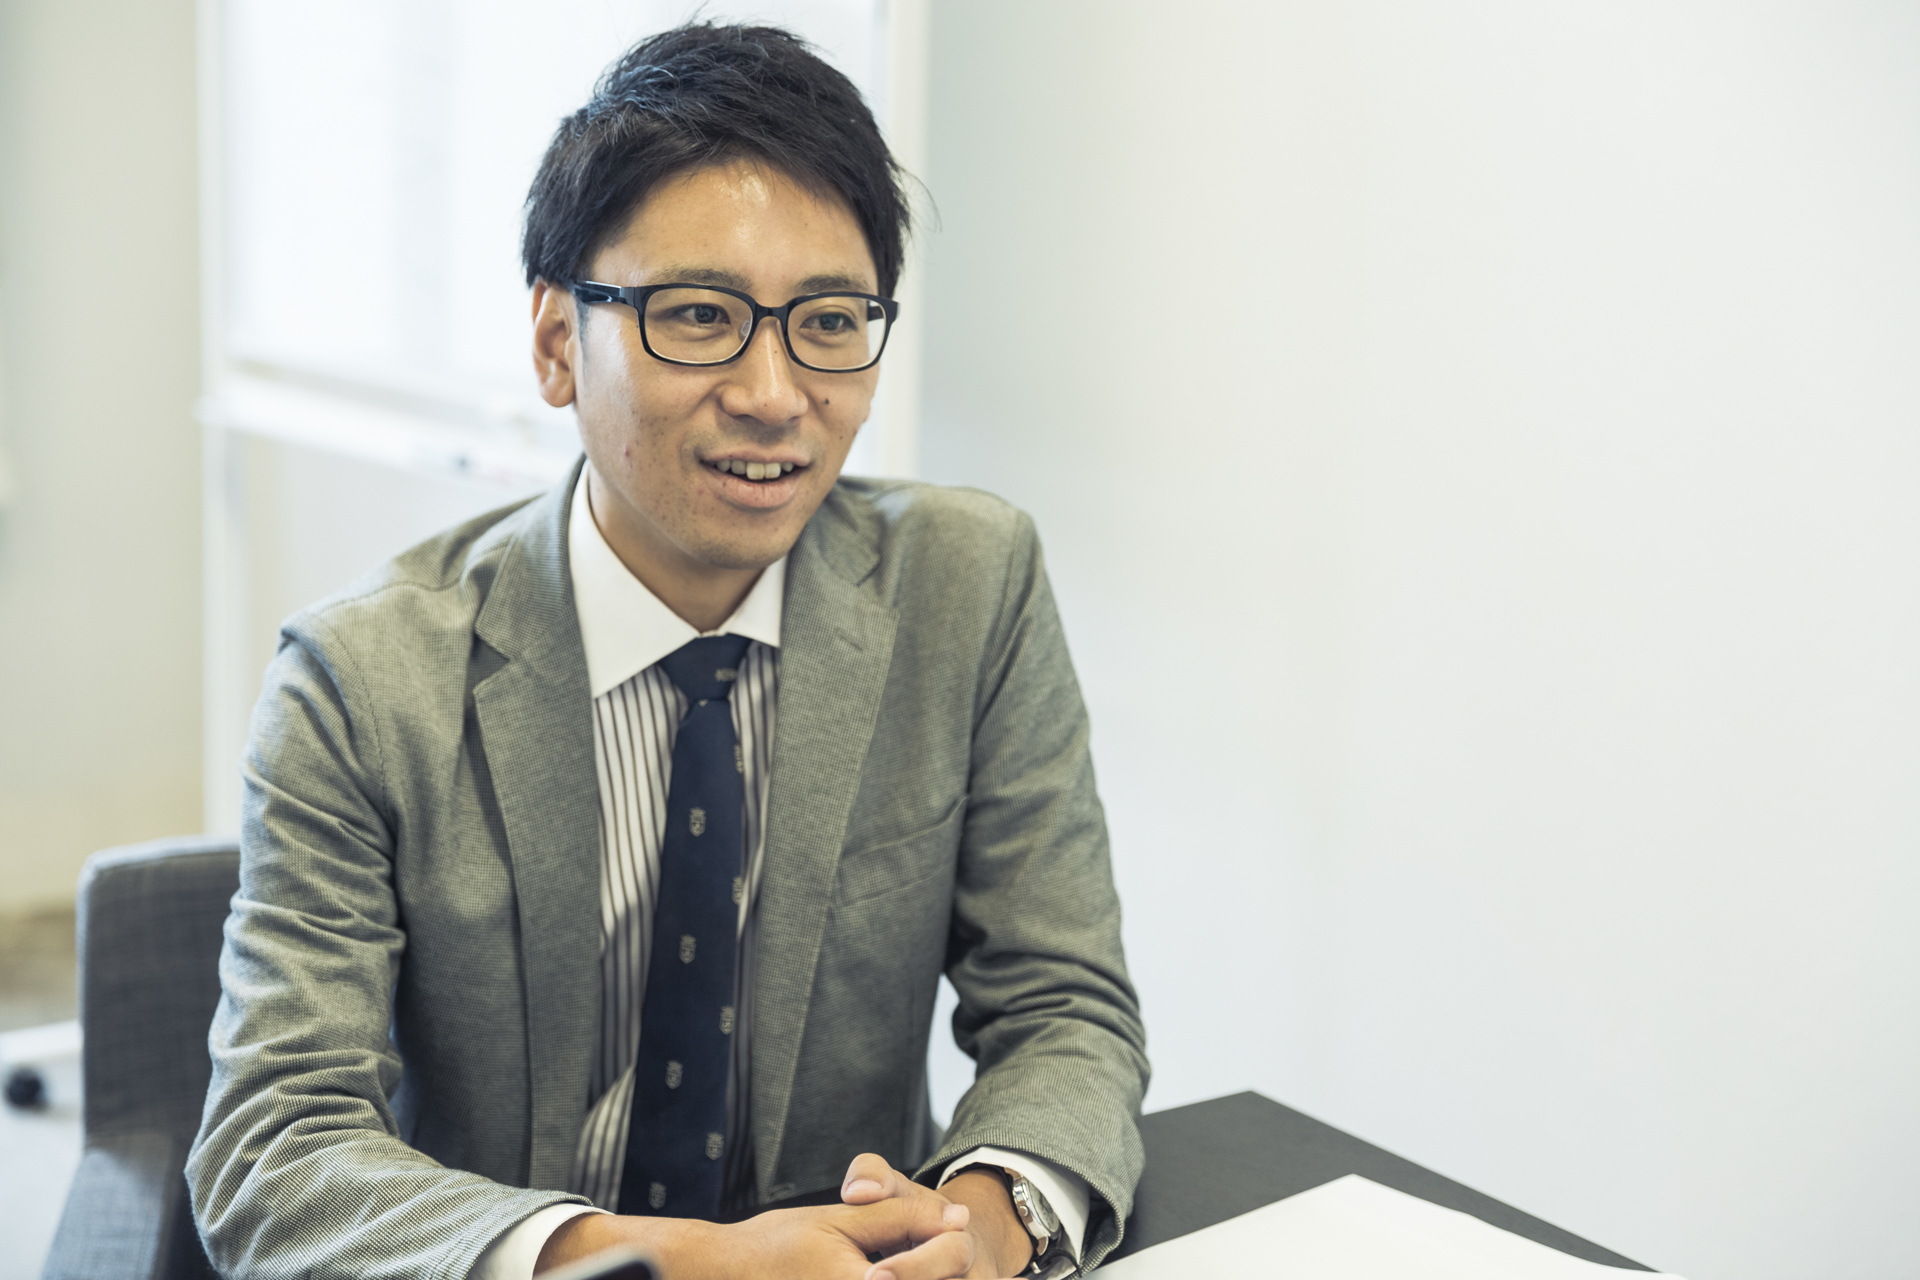 【社員インタビュー】「ふくしまプライド」プロジェクトご支援について